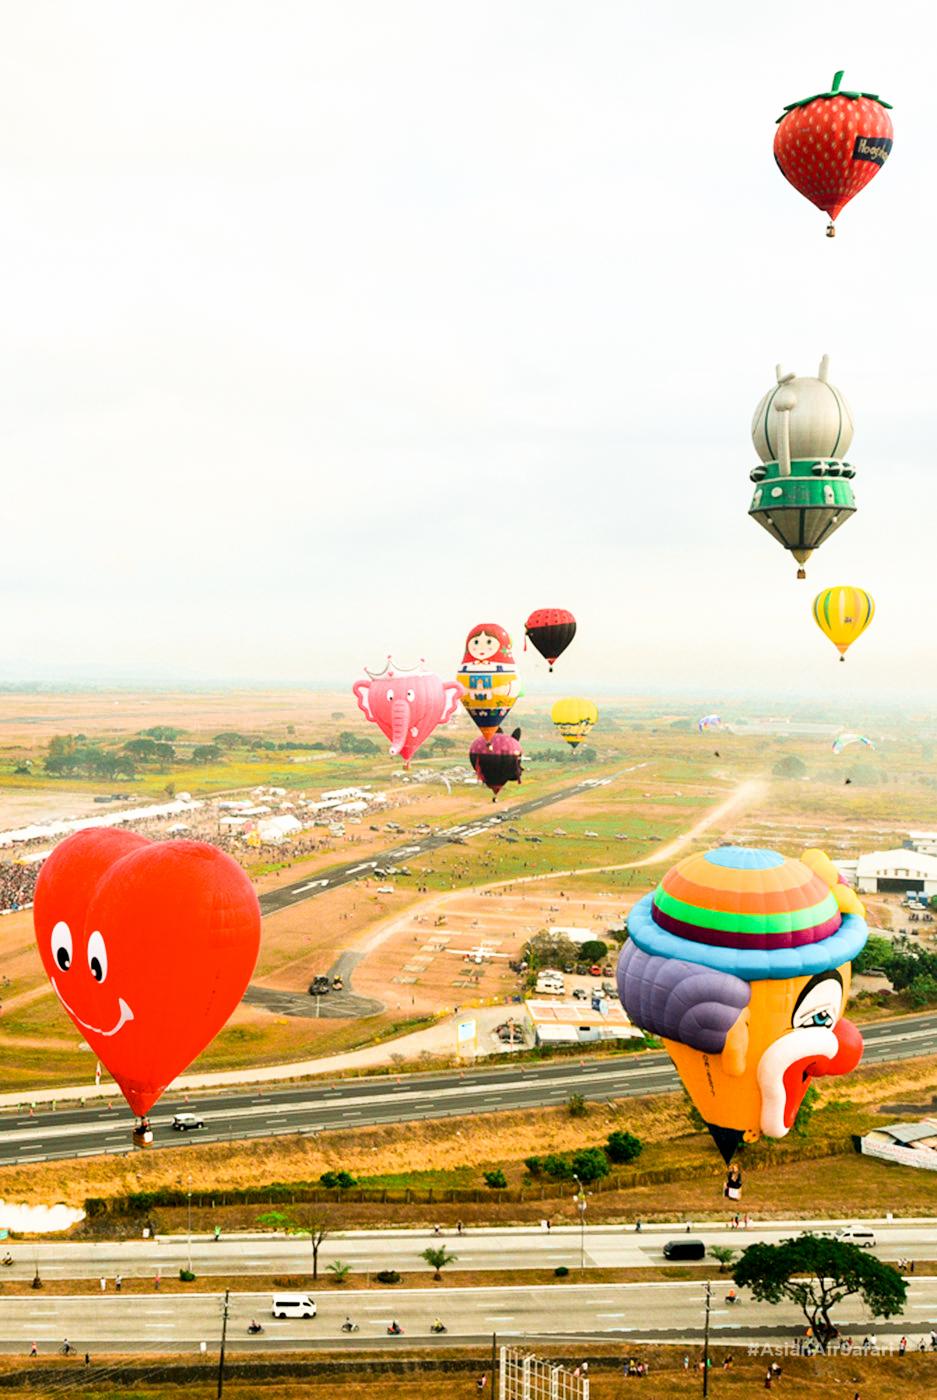 balloonslide (24 of 25)